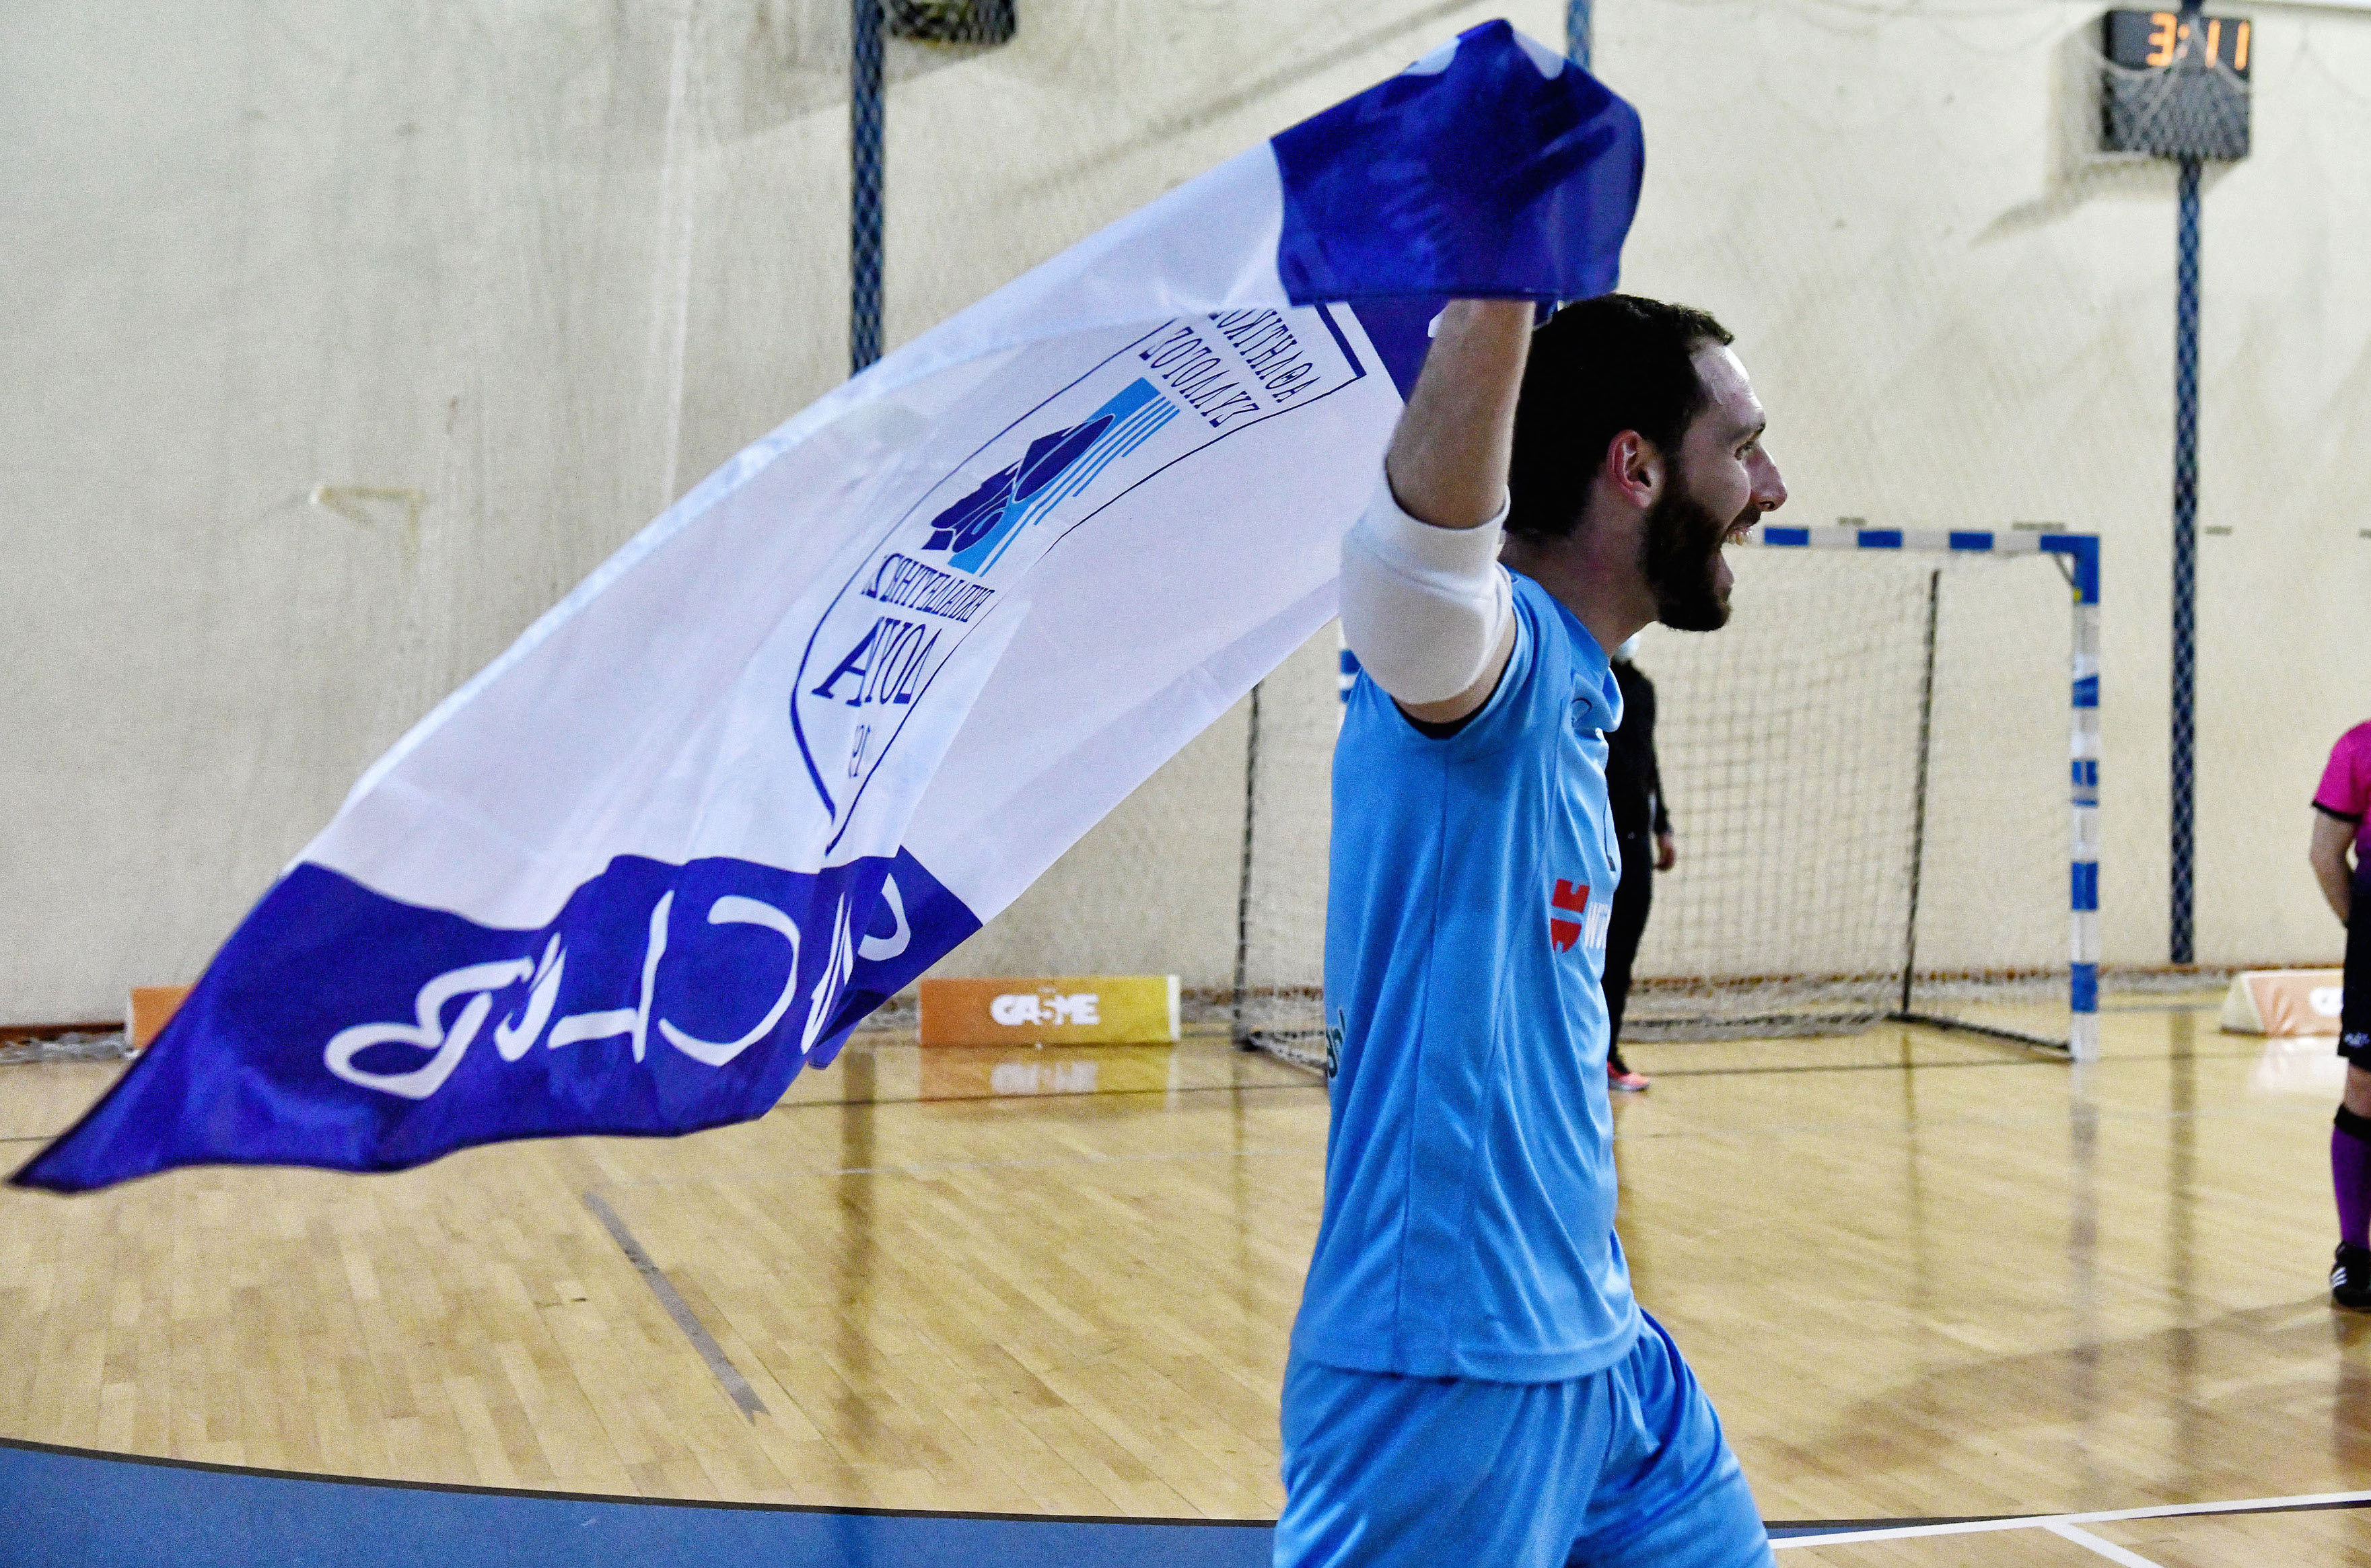 """Ζέρβας στο Futsalhellas: """"Δεν υπάρχει πιο όμορφο συναίσθημα, ειδικά όταν οι πιθανότητες δεν είναι με το μέρος σου"""""""